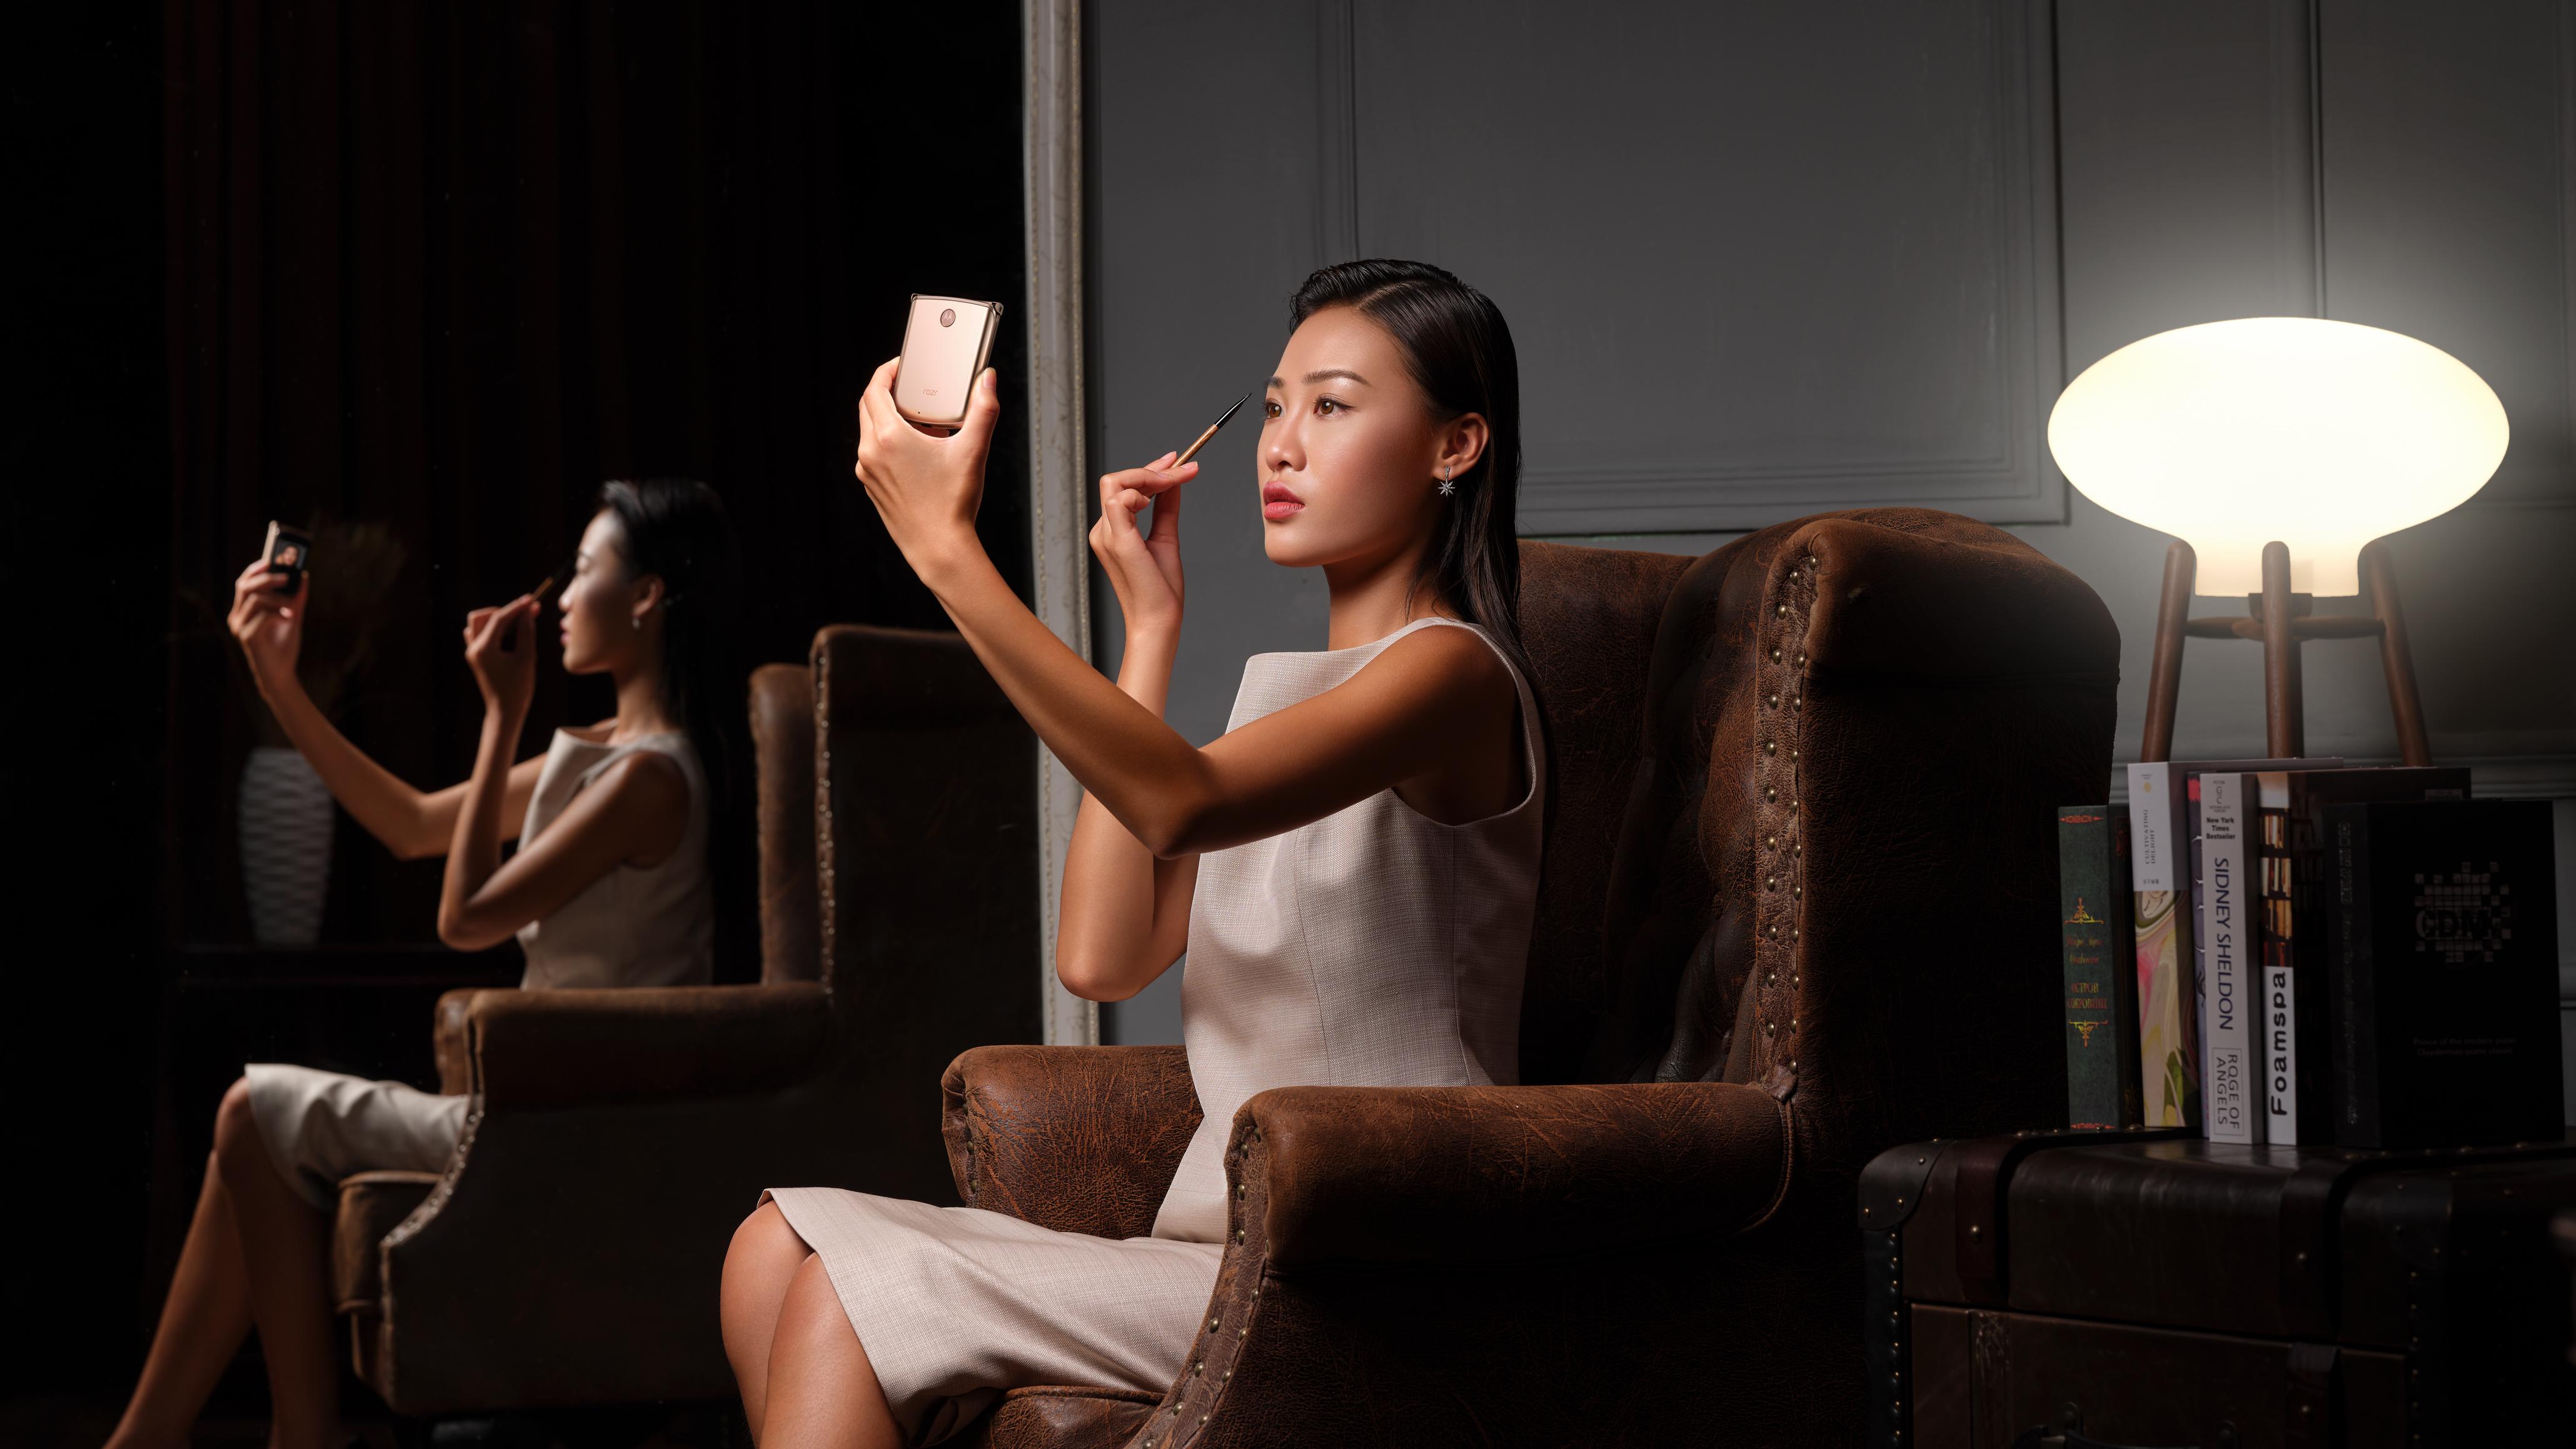 动了心!没皱褶 颜值爆表,摩托罗拉手机二代5G折叠手机宣布公布